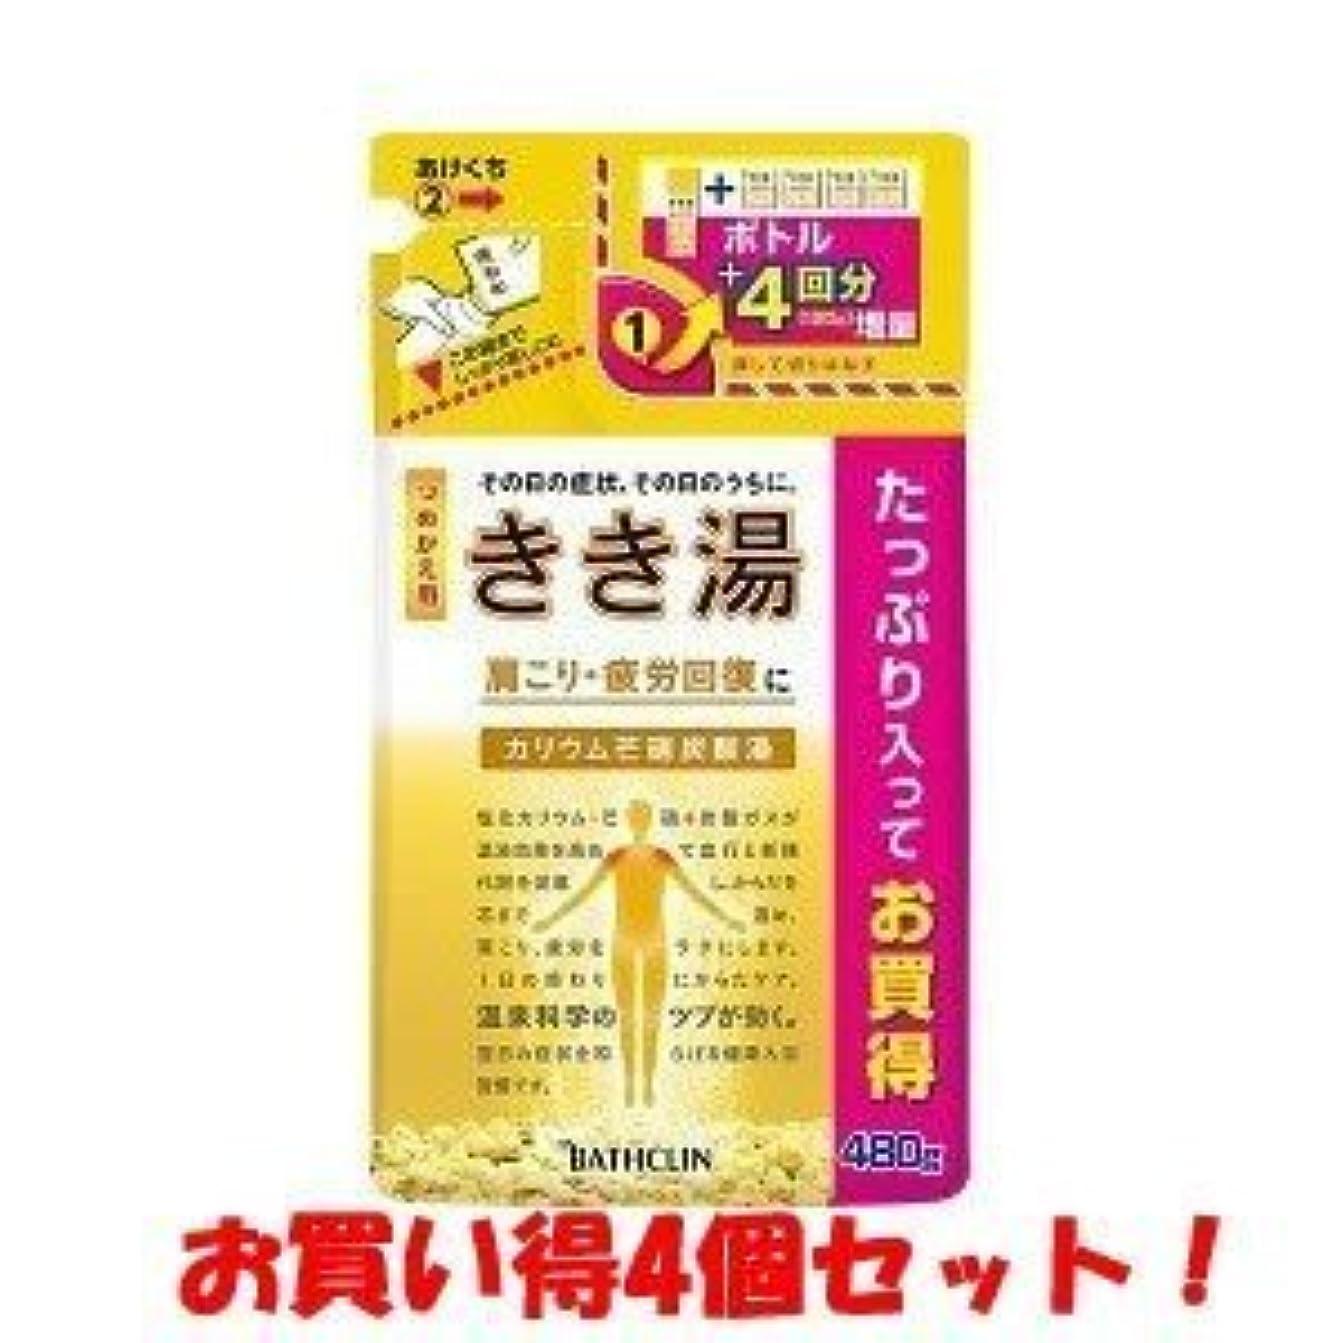 分離親指派生する(バスクリン)きき湯 カリウム芒硝炭酸湯 つめかえ用 480g(医薬部外品)(お買い得4個セット)